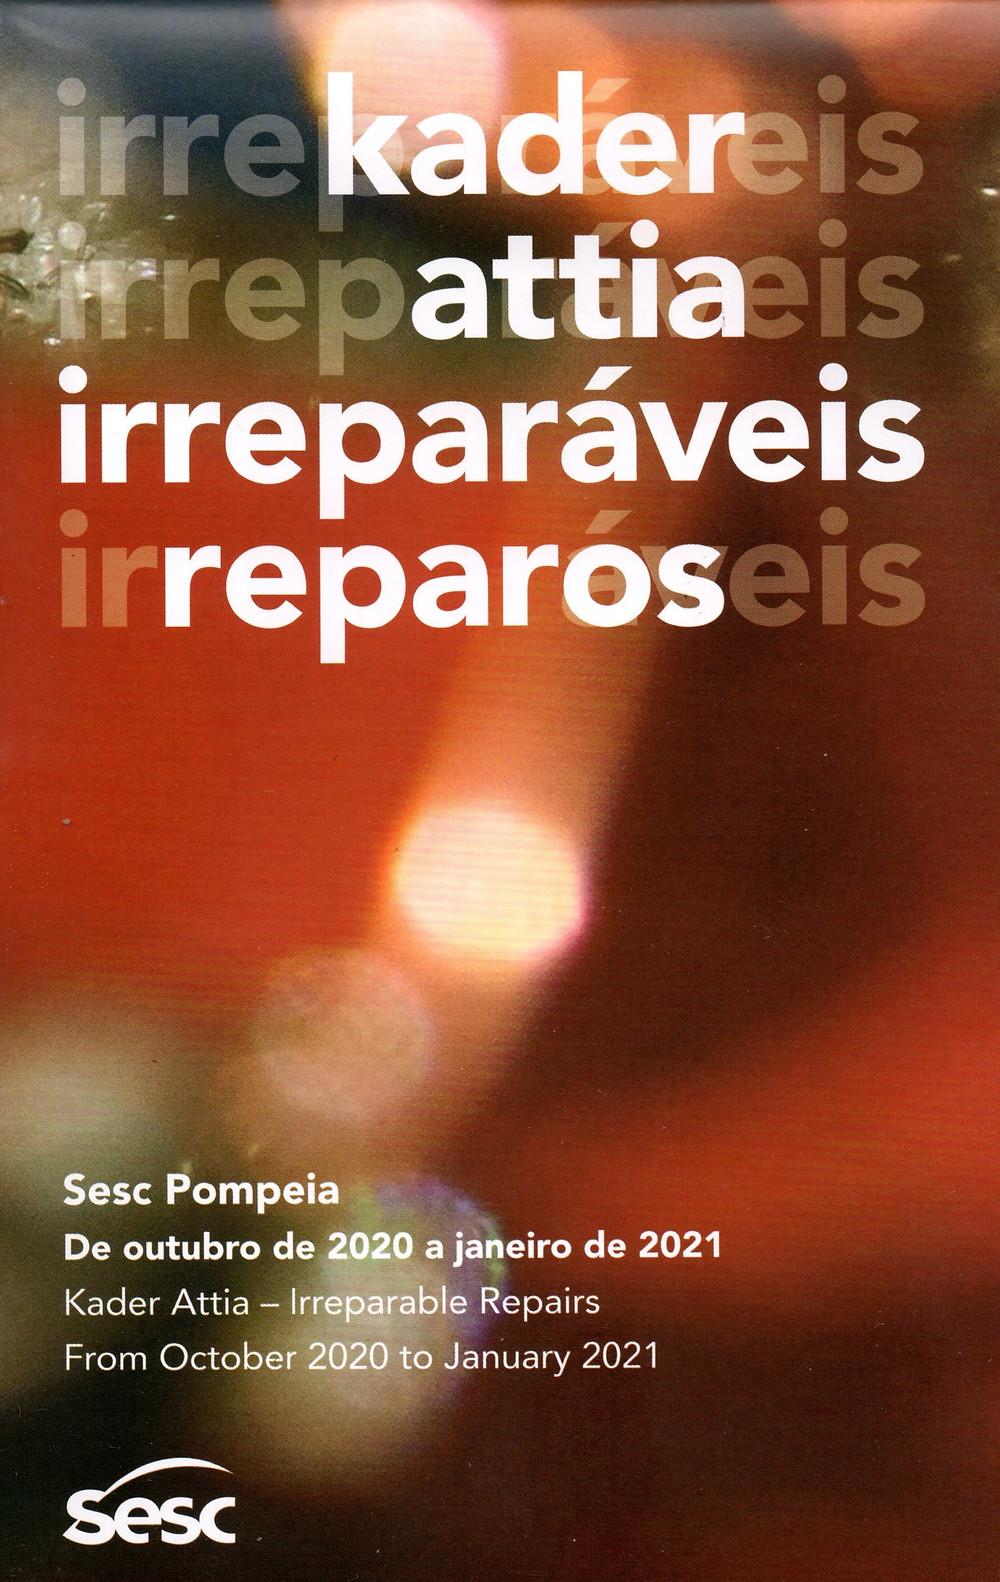 Exposição Irreparáveis Reparos de Kader Attia no Sesc Pompeia